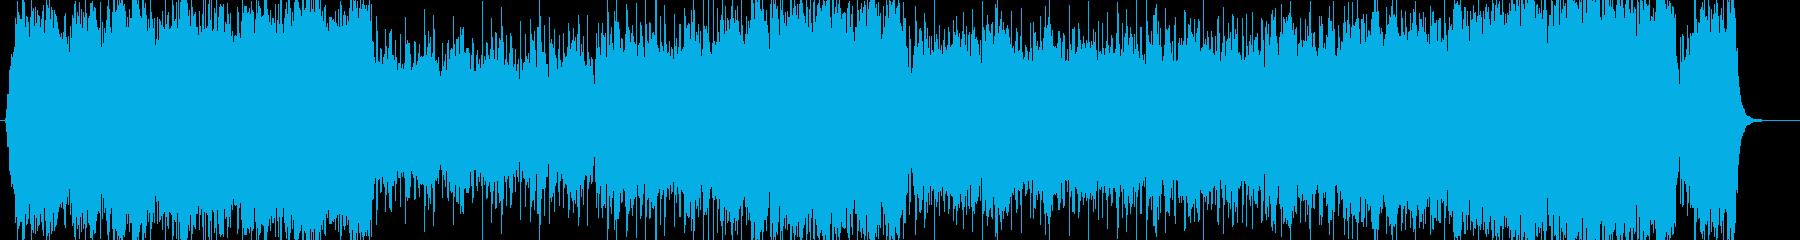 感動的でテンポが気持ちいい現代クラシックの再生済みの波形